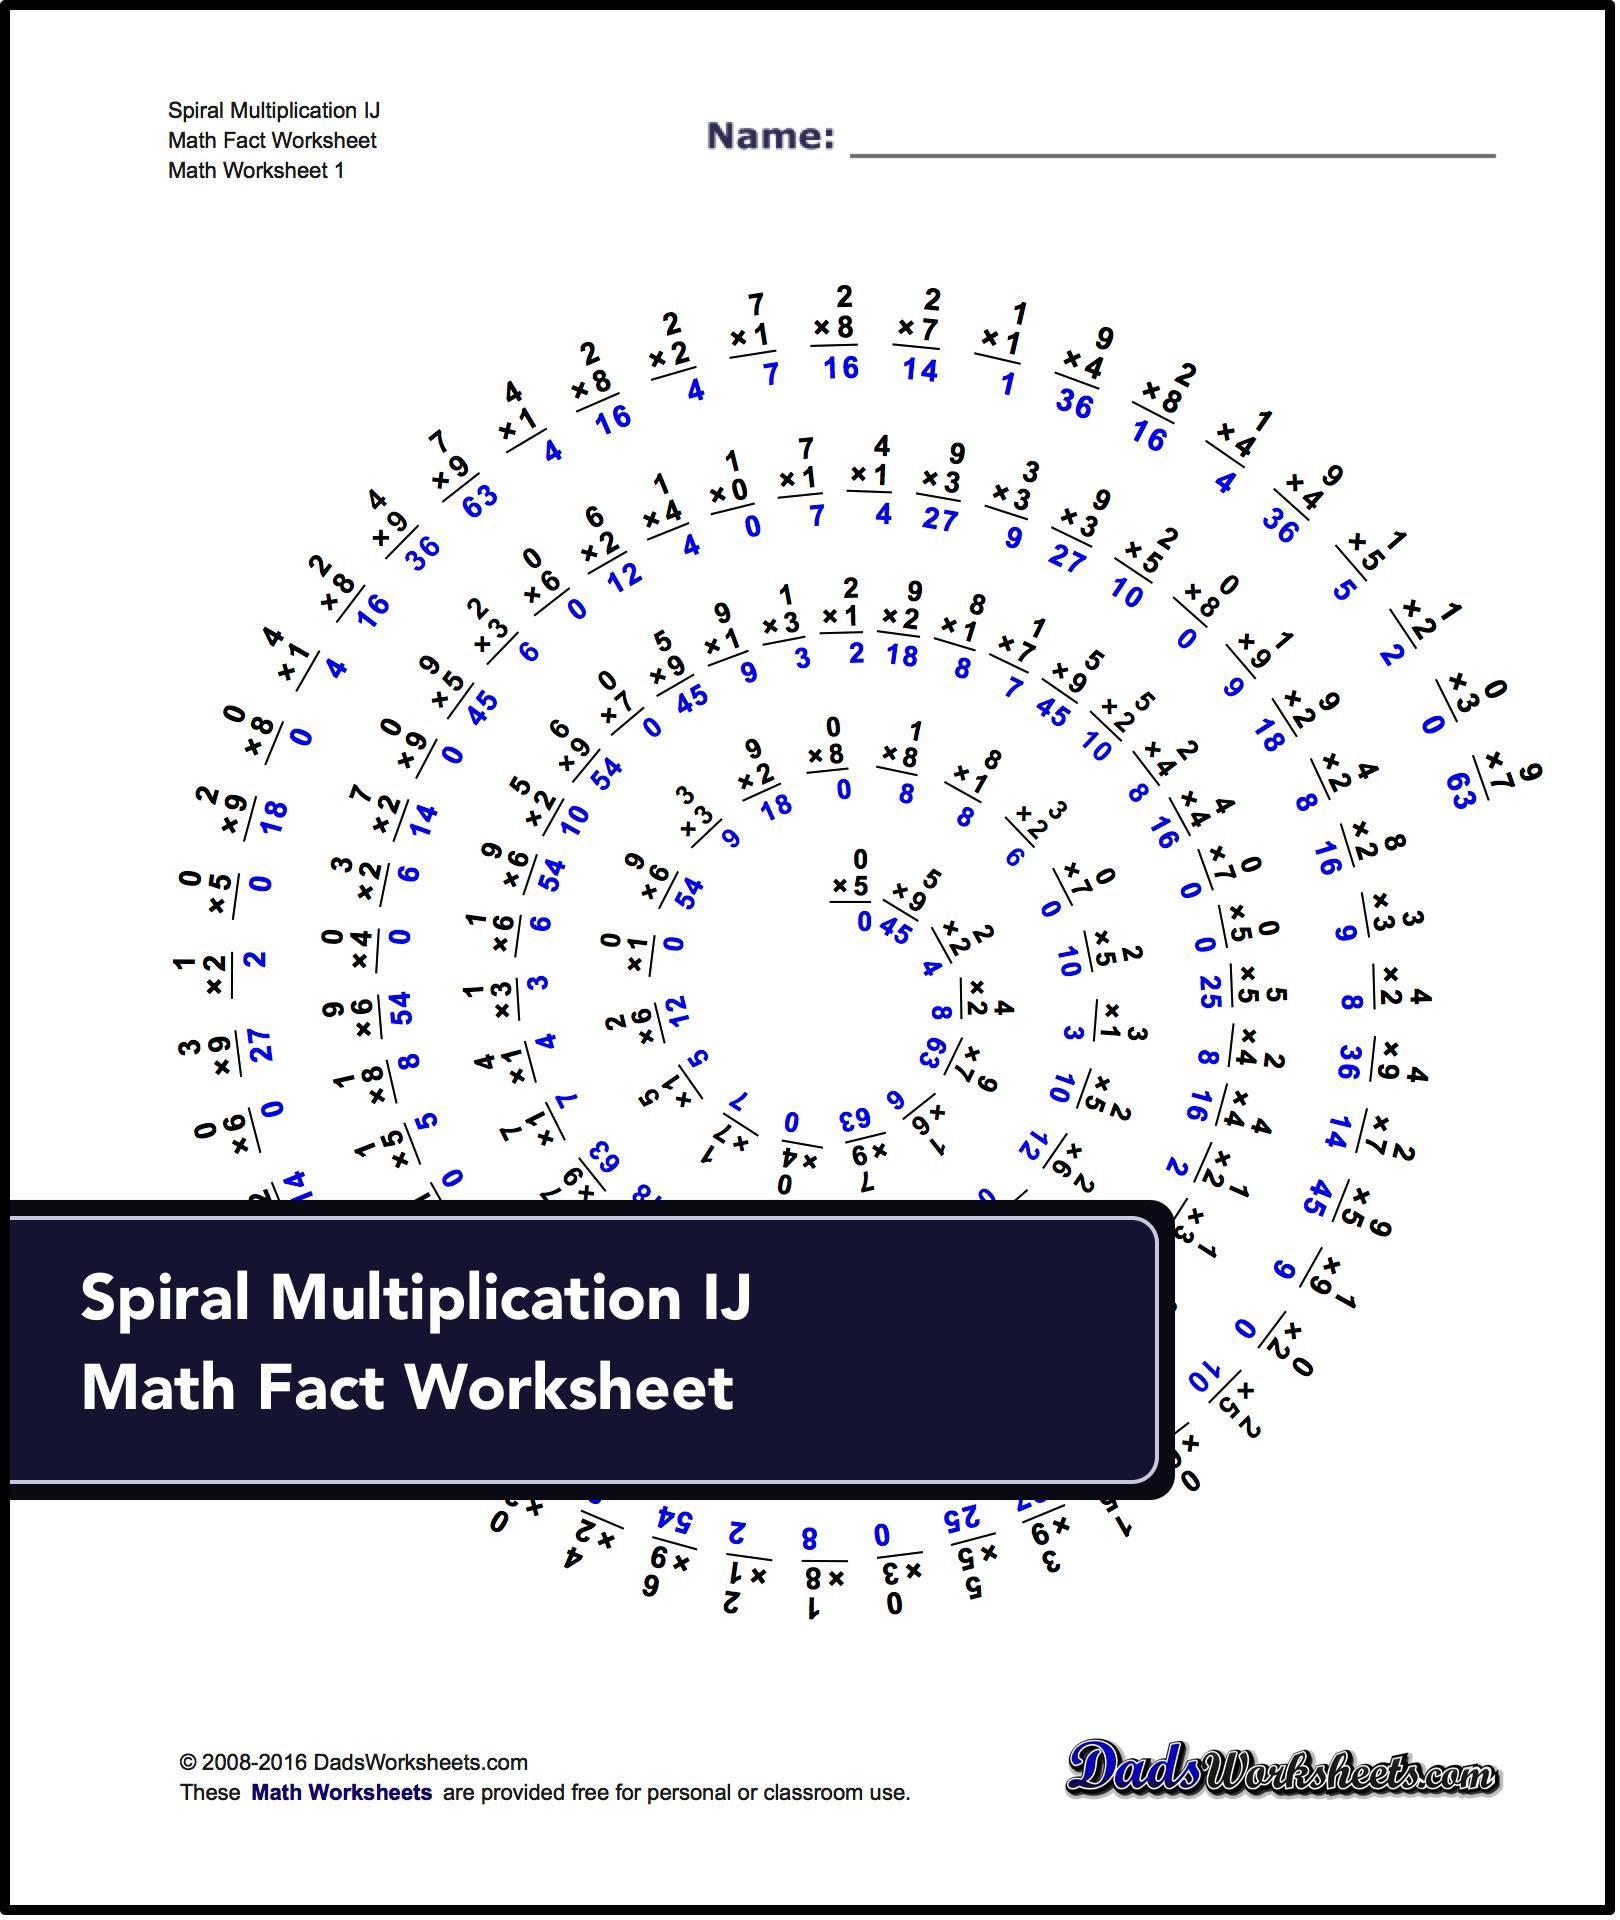 Multiplication Worksheets For Spiral Multiplication Ij